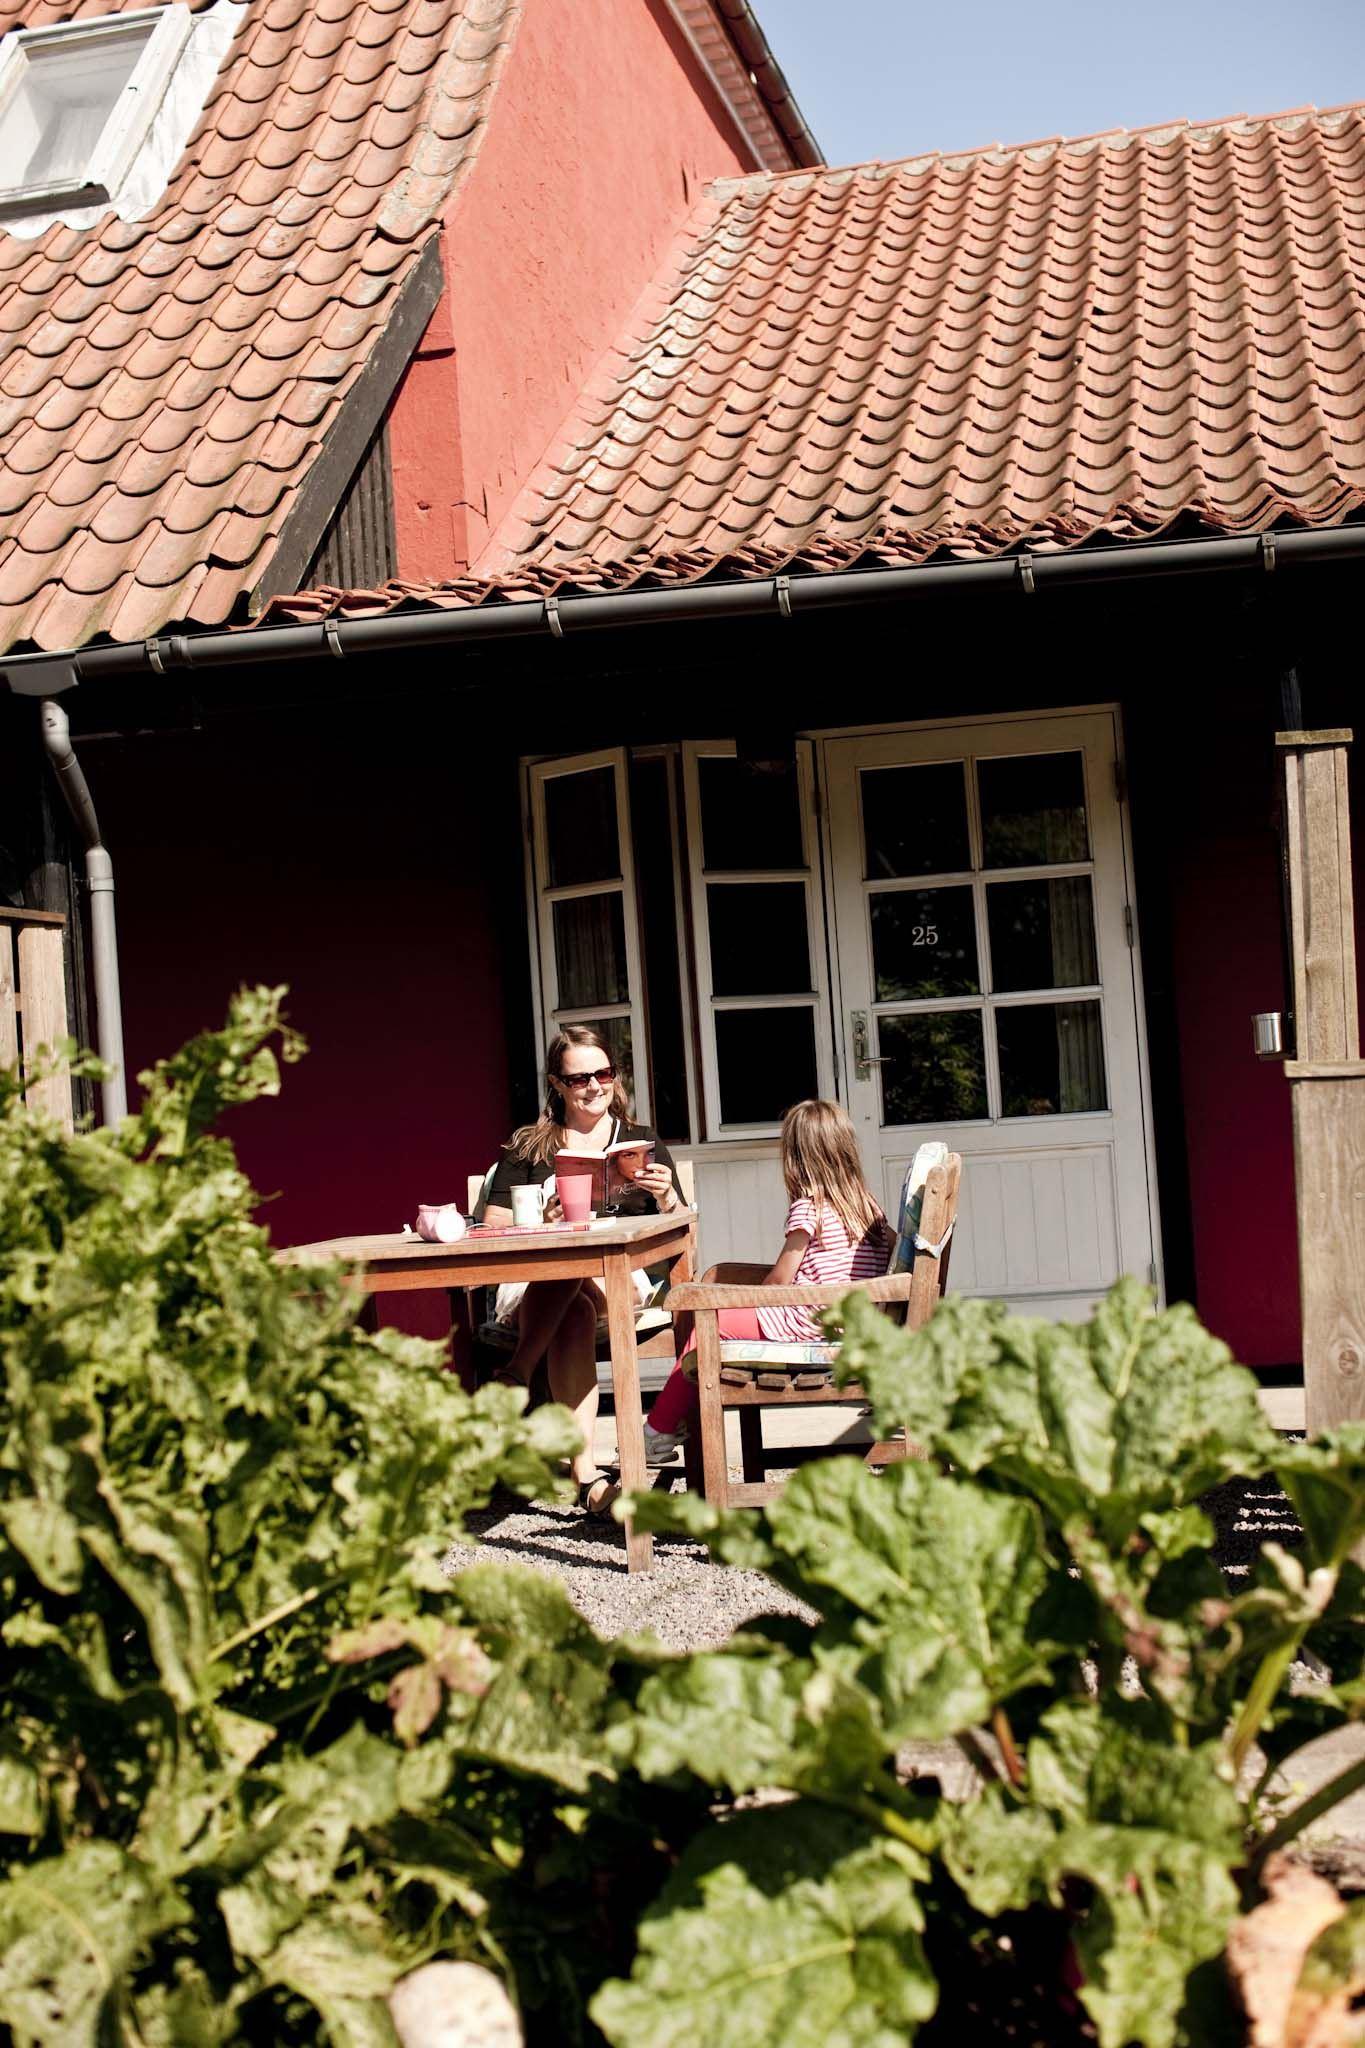 Danhostel Boderne Rosengården